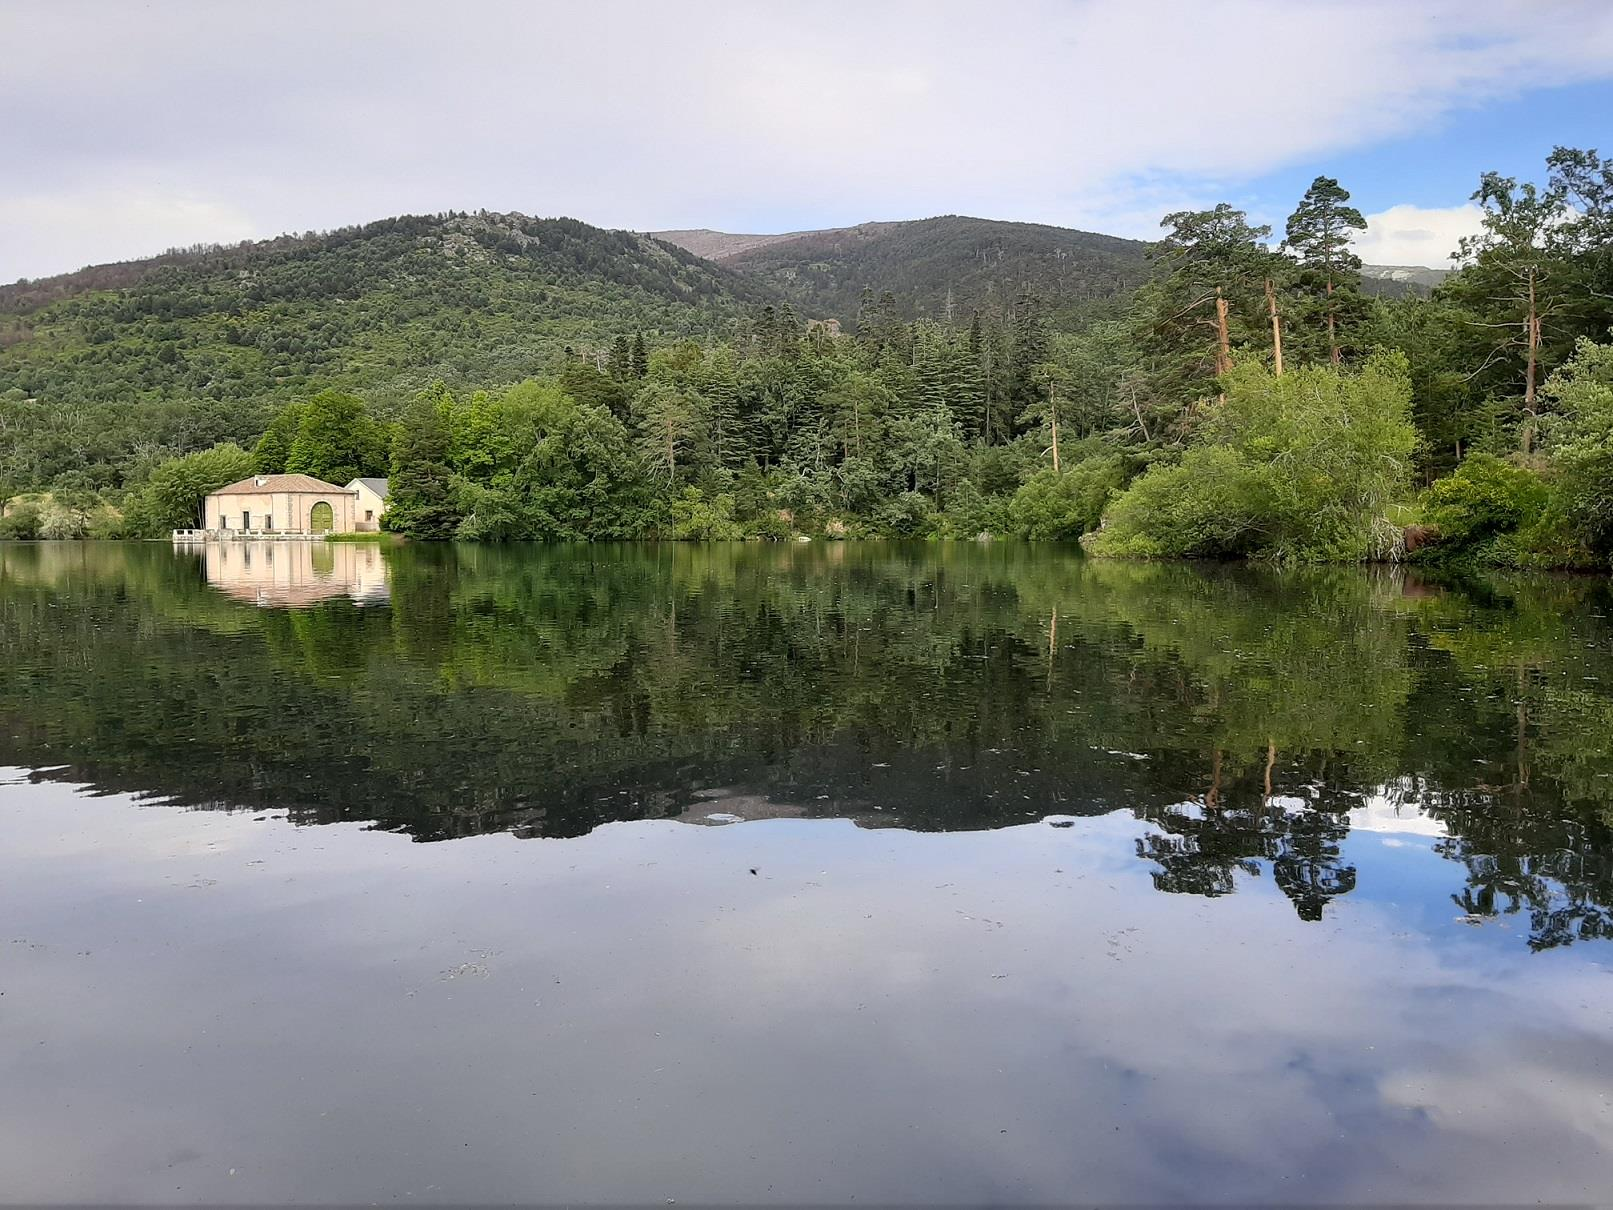 Royal-Palace:-La-Granja-and-Riofrio-Guided-Visit-5